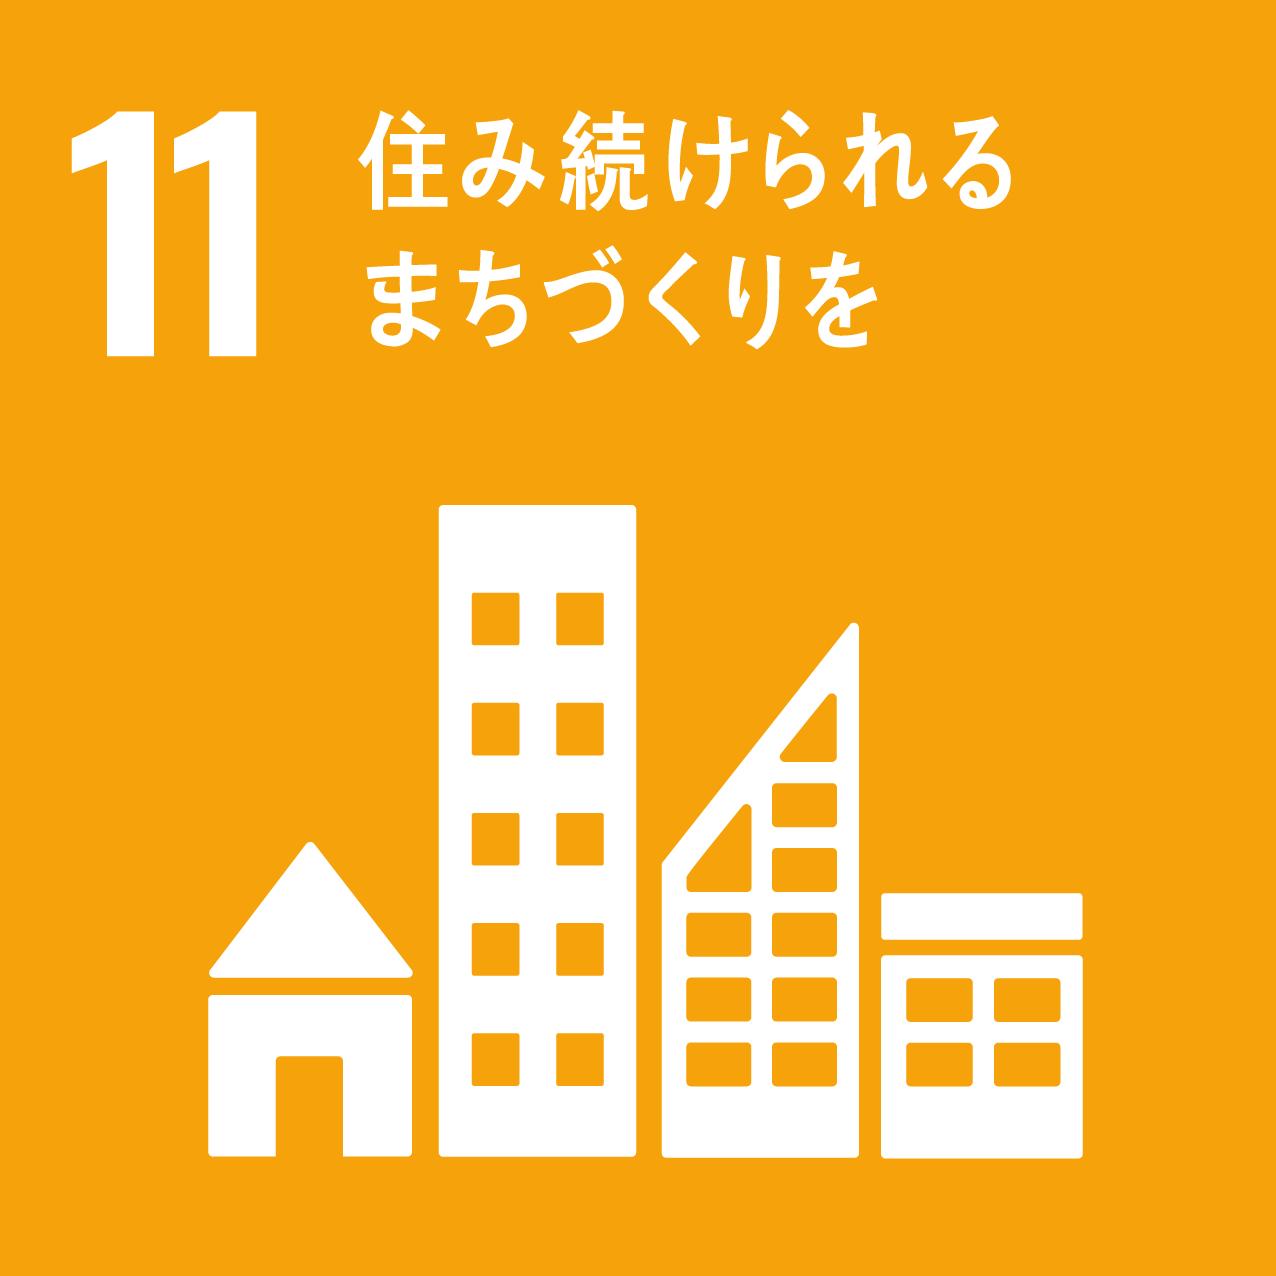 安全で持続可能な街づくり、住まいづくりに取り組みます。